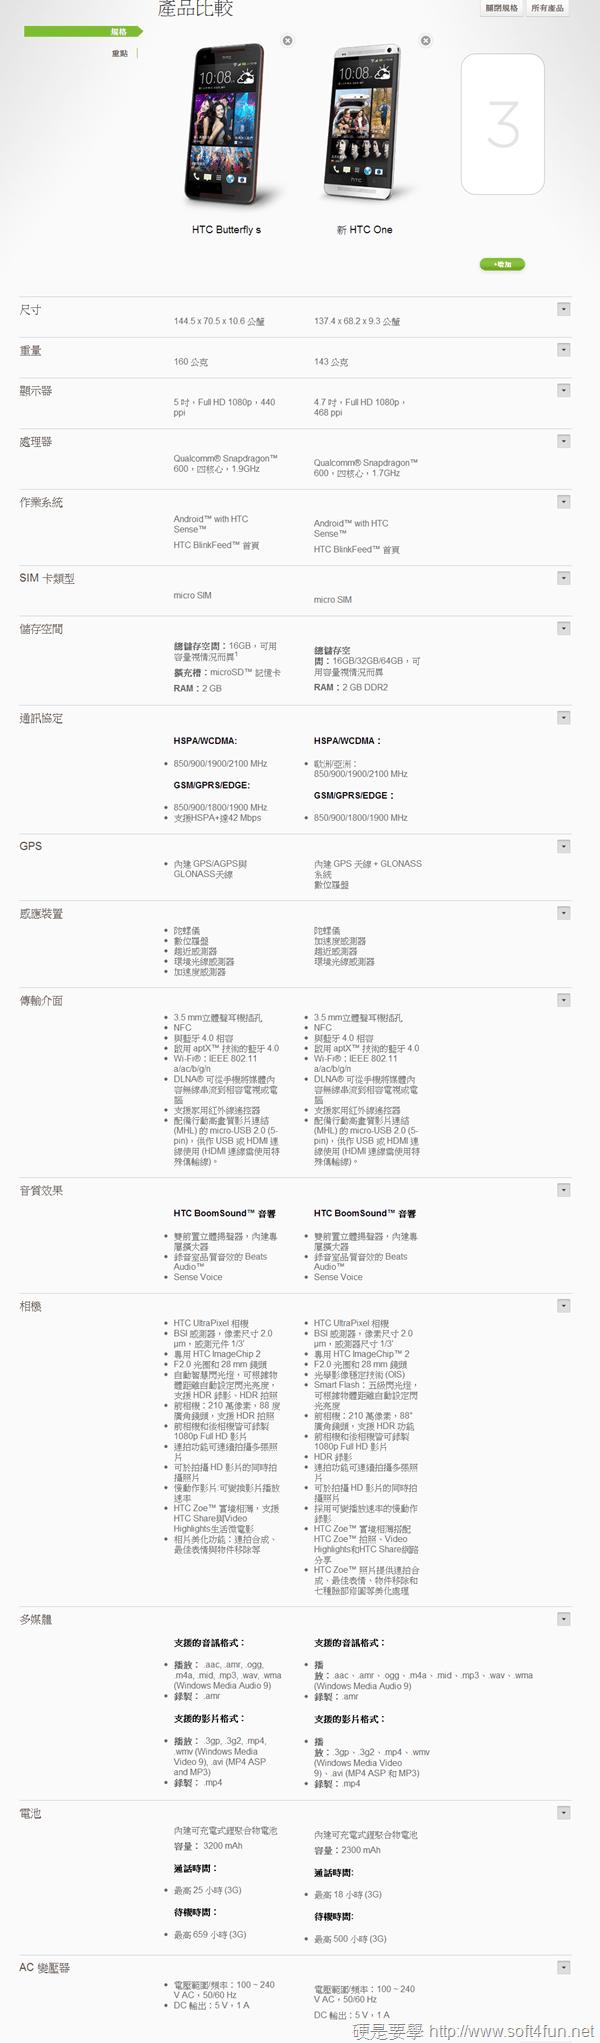 [開箱] hTC Butterfly S 完美融合 New One + 蝴蝶機的旗艦機款 HTC-Smartphones--Compare-5